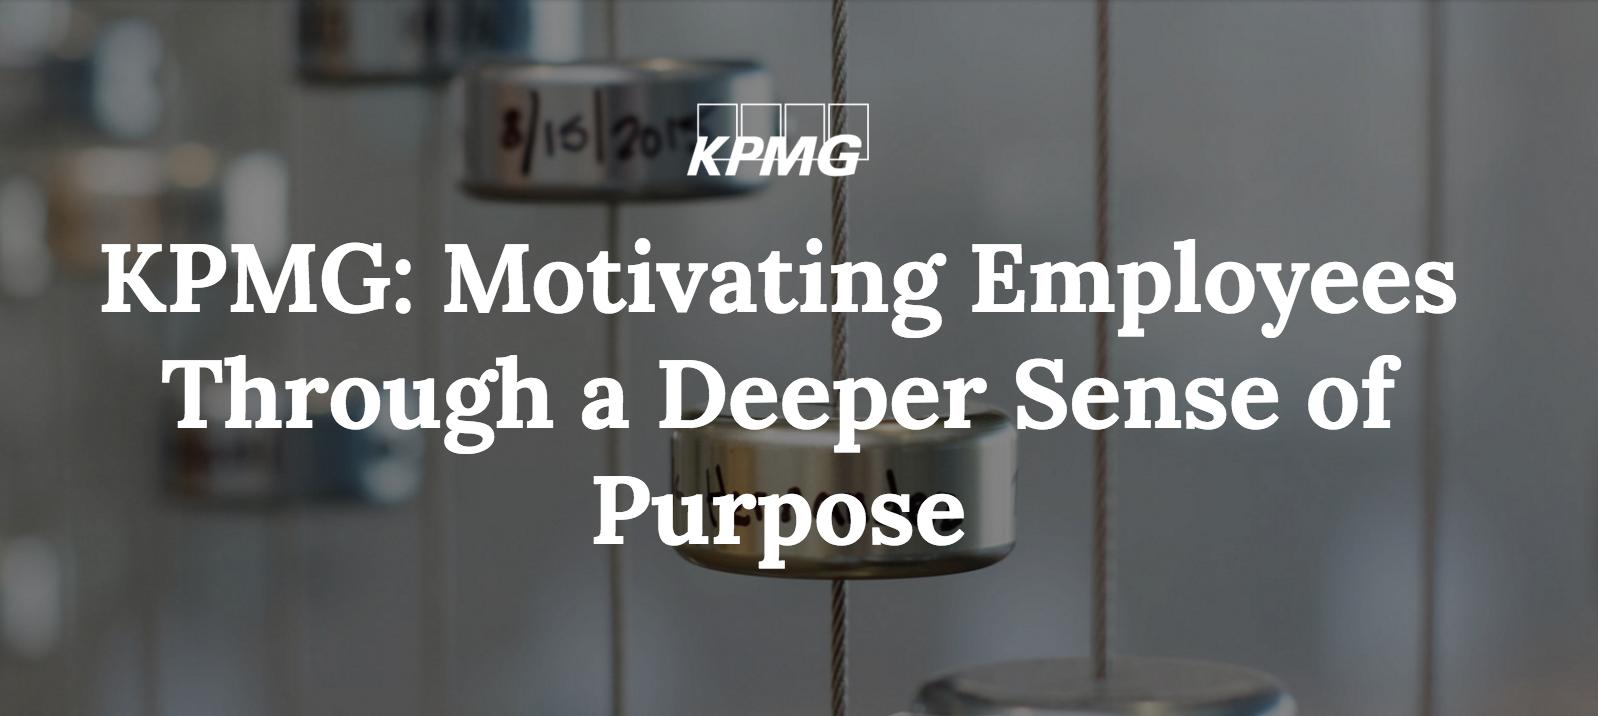 re:Work - KPMG Case Study: Motivating employees through purpose